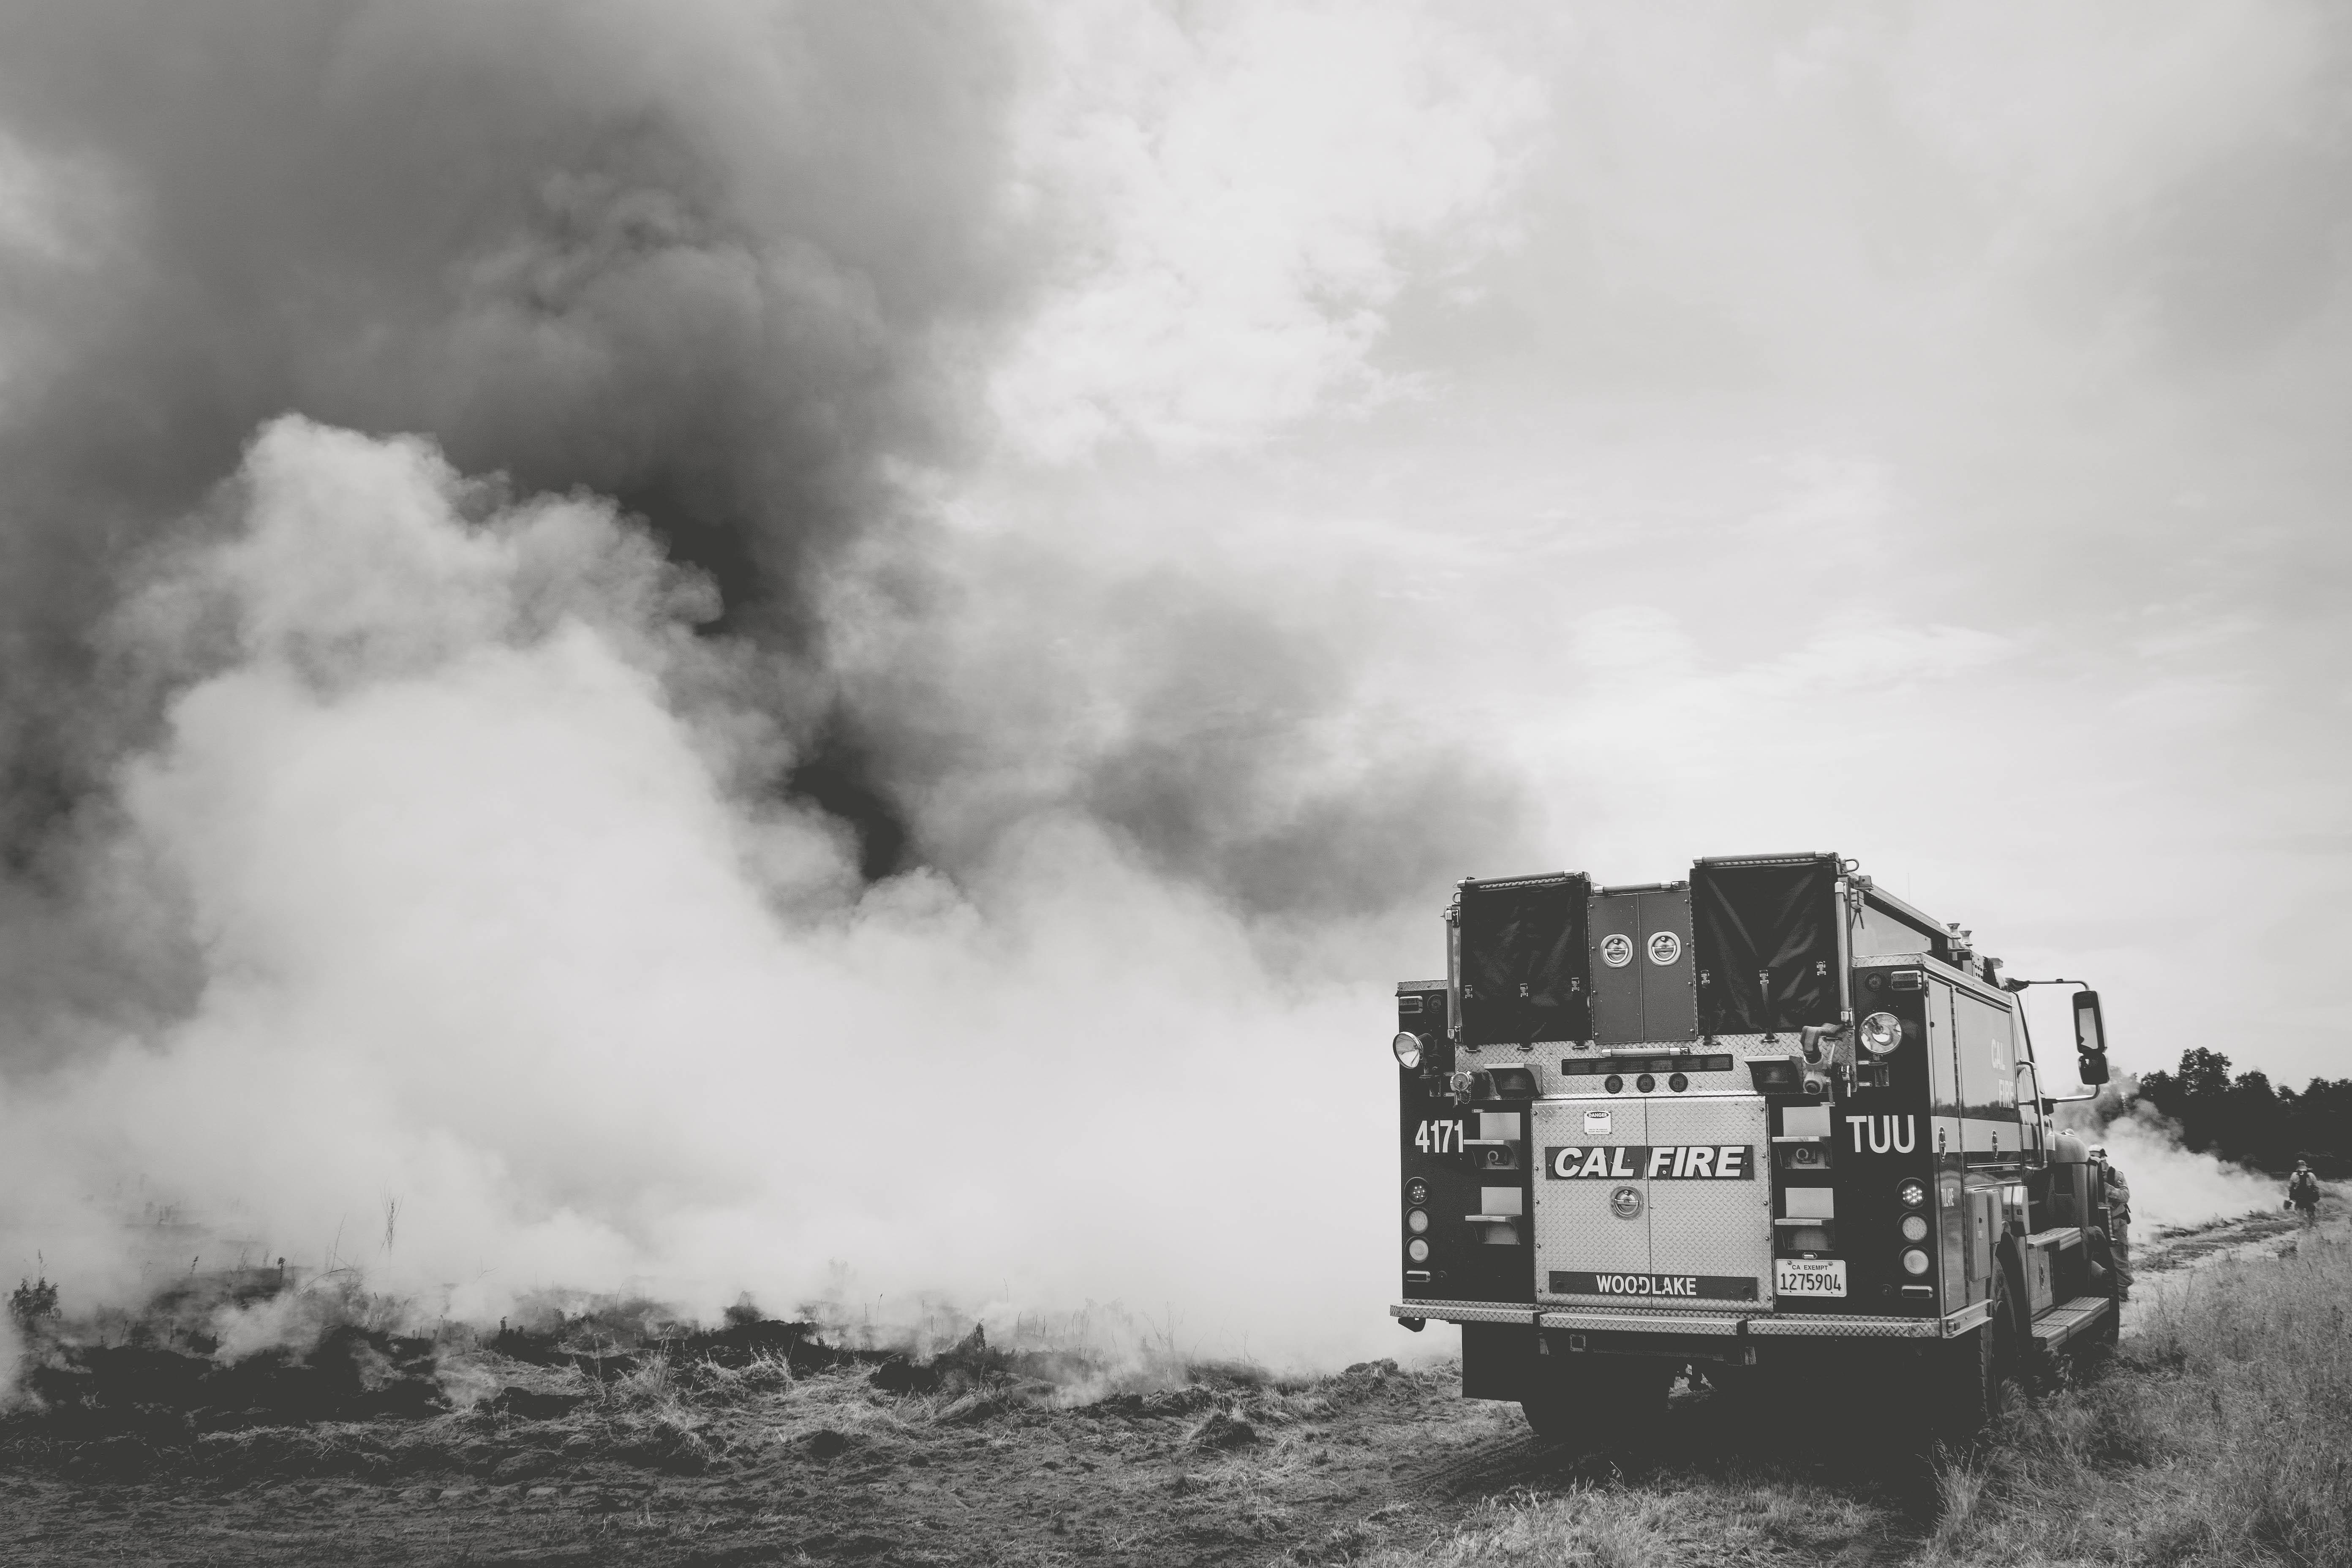 Cal Fire71